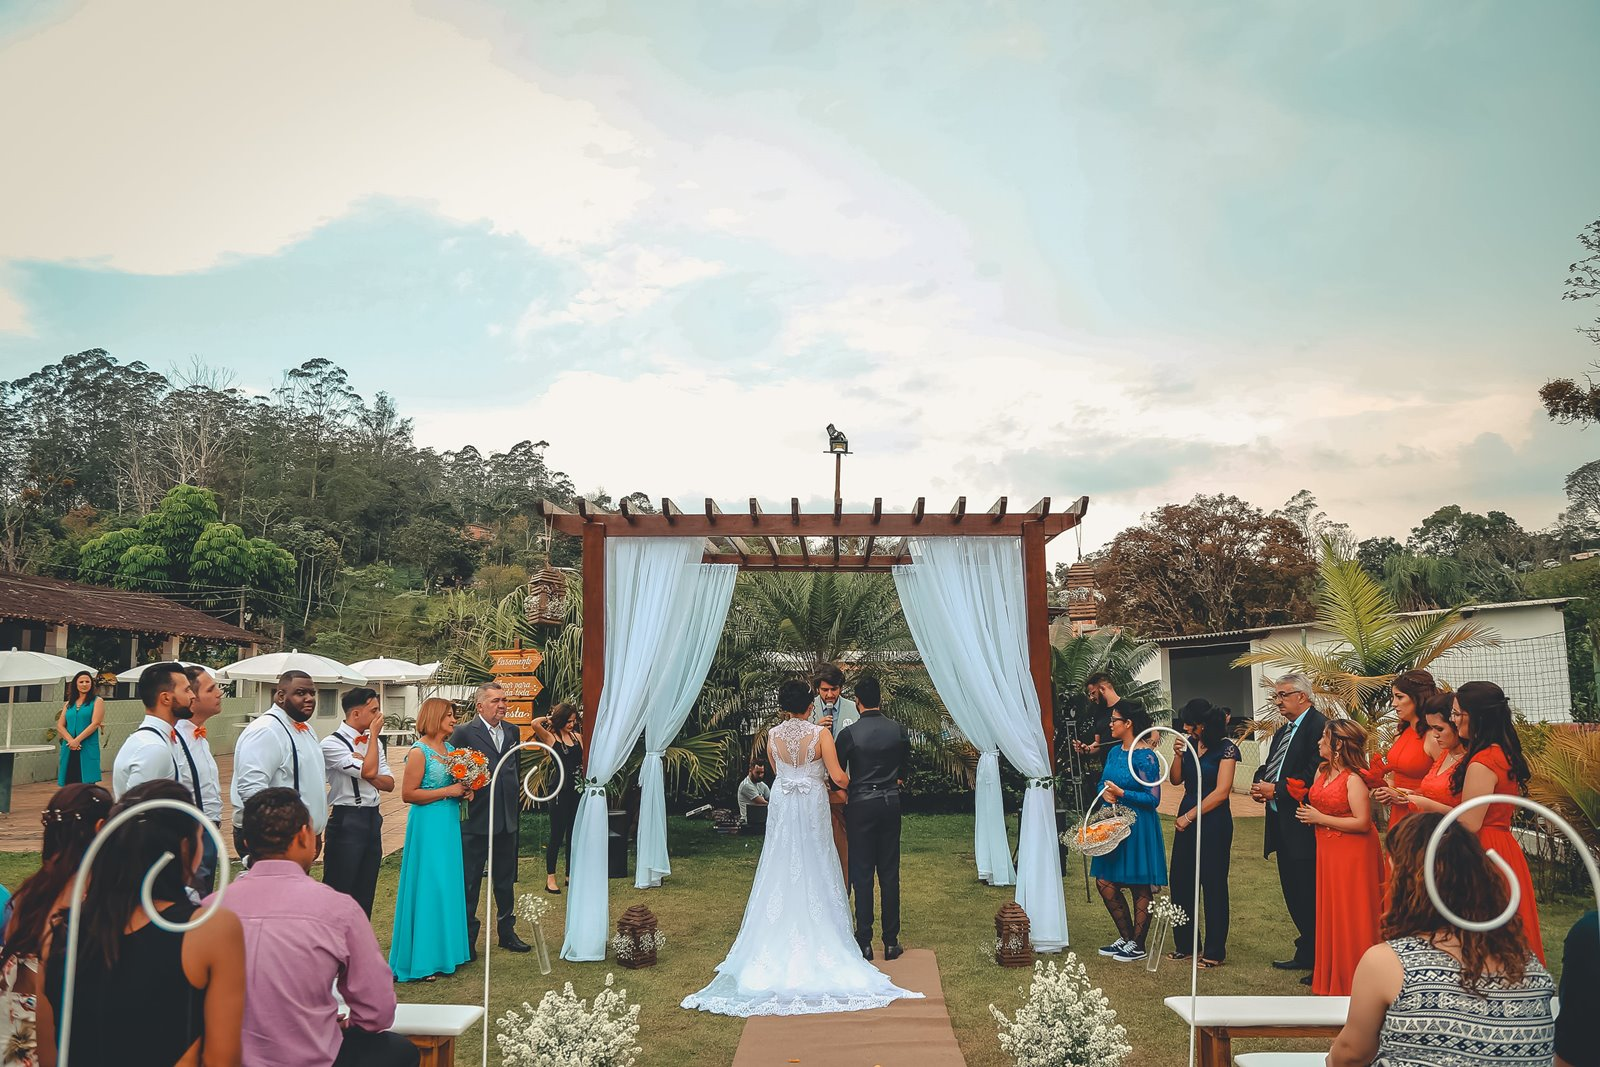 atrakcje dla dzieci na weselu jak uatrakcyjnić wesele ślub dla dzieci atrakcje zajęcie animatorzy zabawki wiatraczki słodki stół dla dzieci wesele co zorganizować jak zorganizować strefę dla dzieci wesele na sali ślub